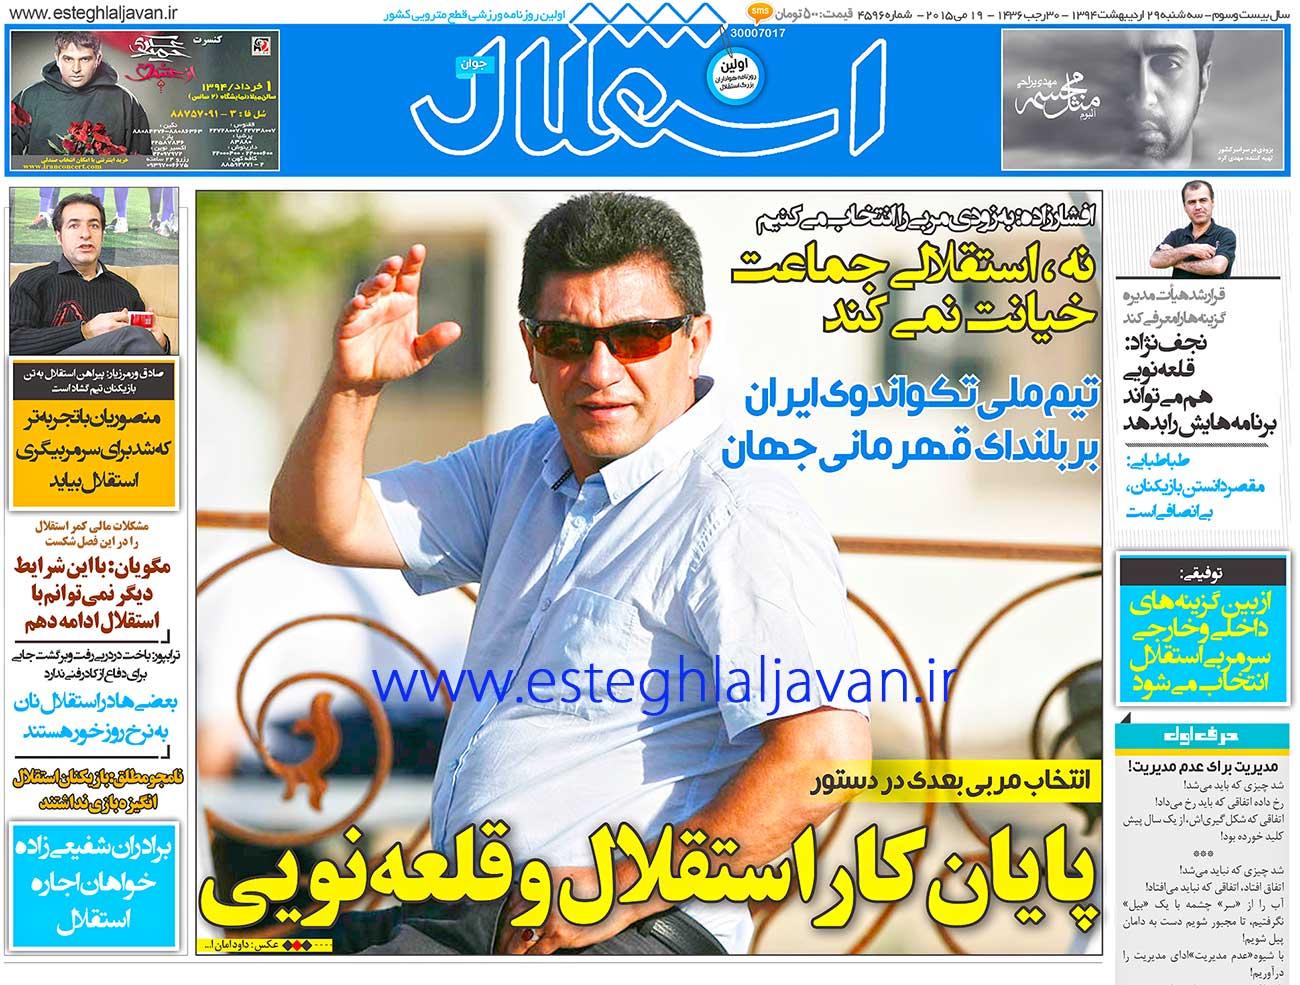 www.dustaan.com نیم صفحه اول روزنامه های ورزشی سه شنبه ۲۹ اردیبهشت ۱۳۹۴